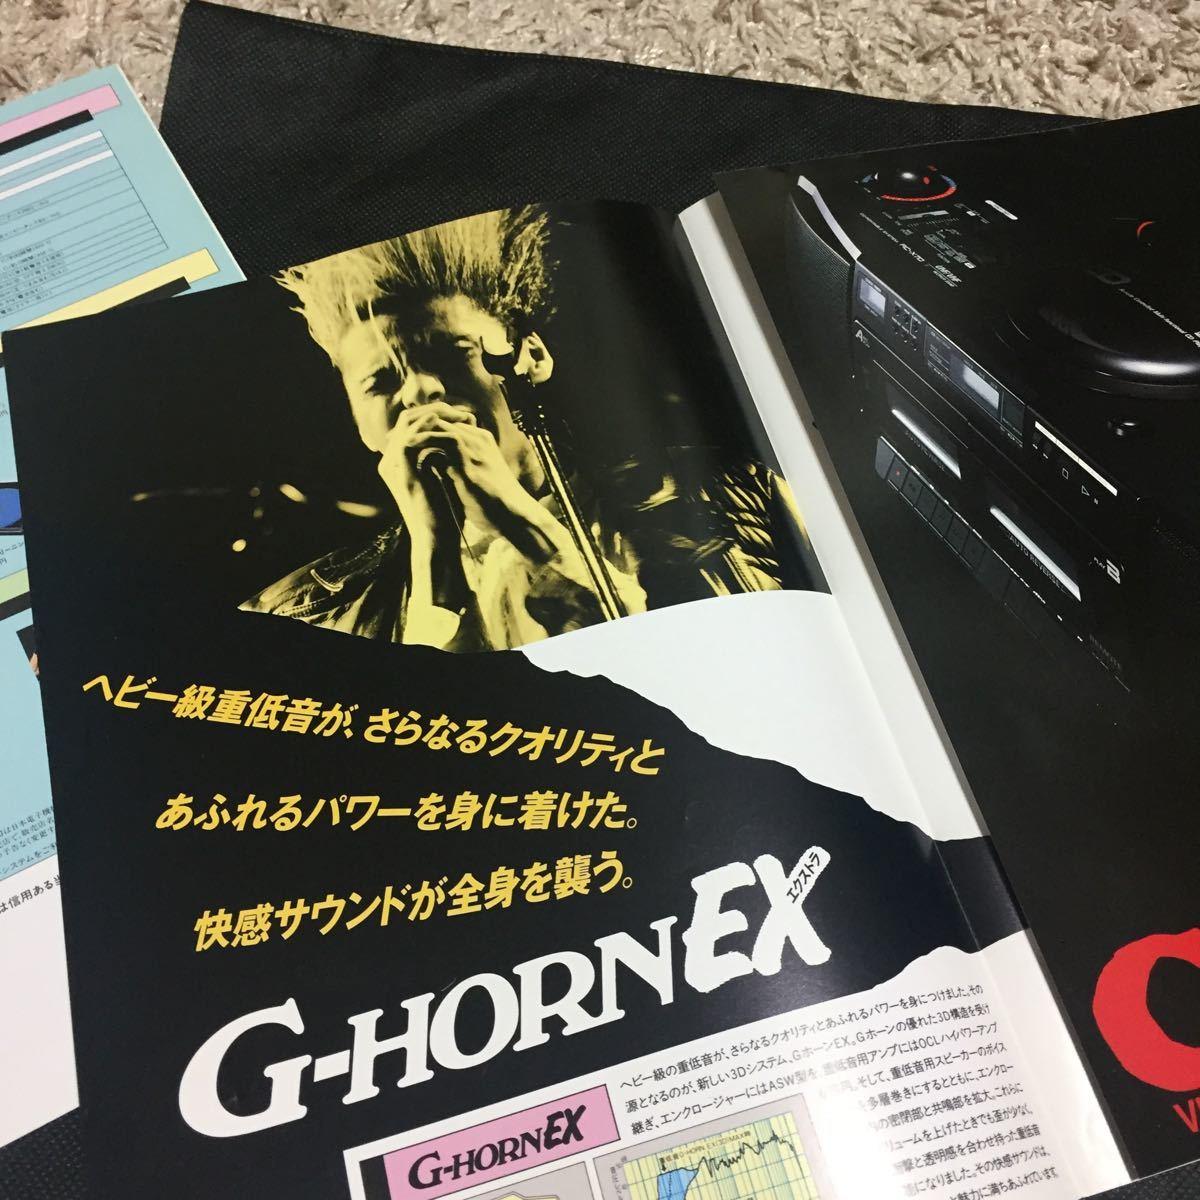 希少 BUCK-TICK バクチク CDIan 商品カタログ 3枚セット 櫻井敦司_画像5